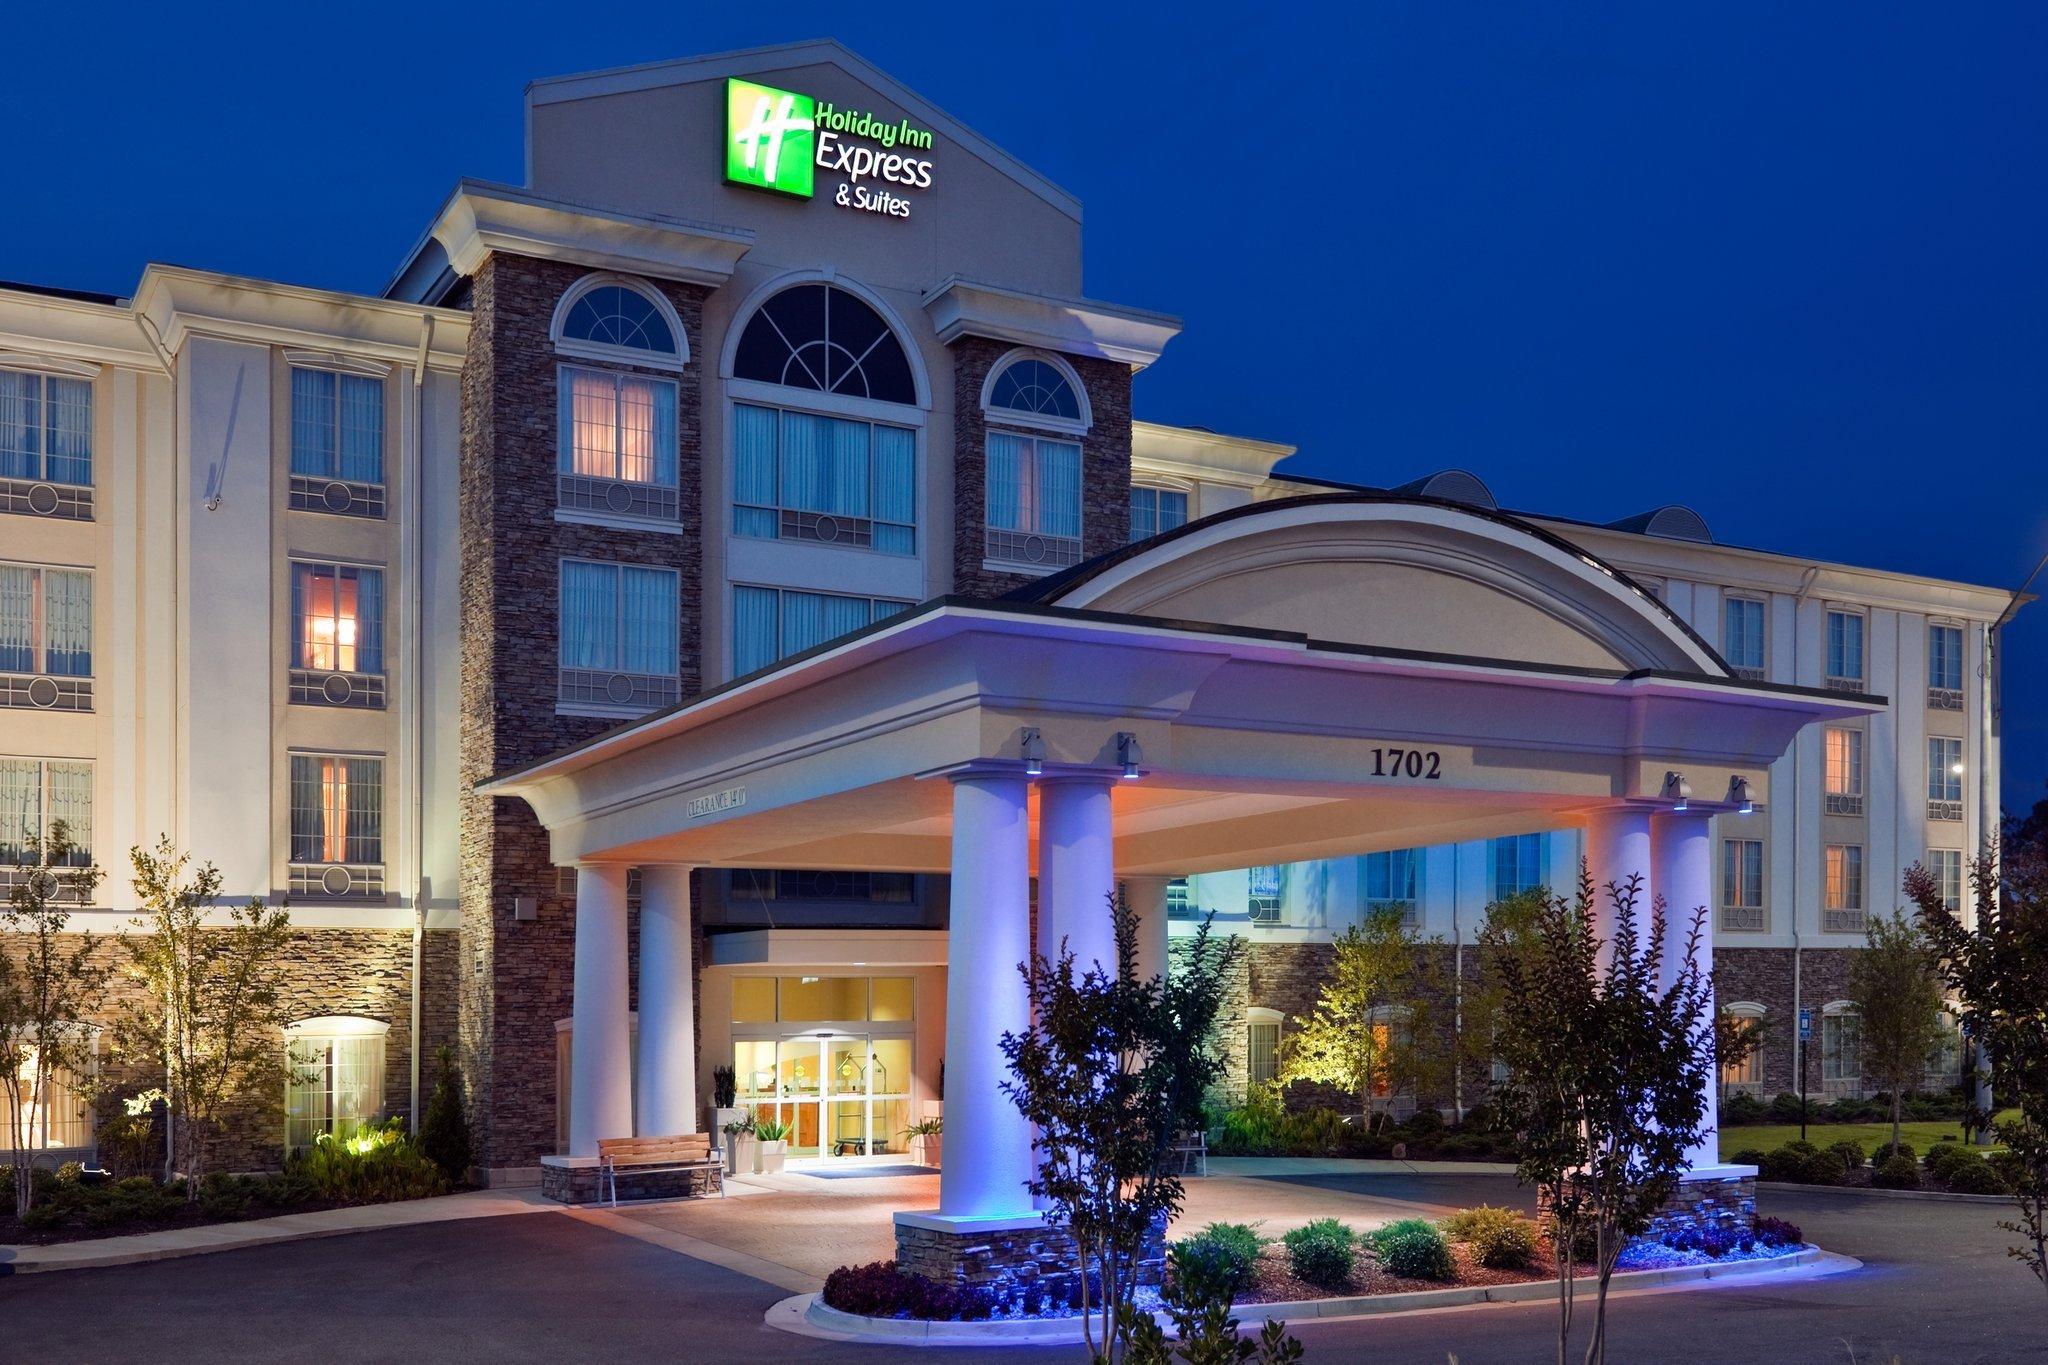 ホリデー イン エクスプレス ホテル & スイーツ フェニックス シティ コロンバス